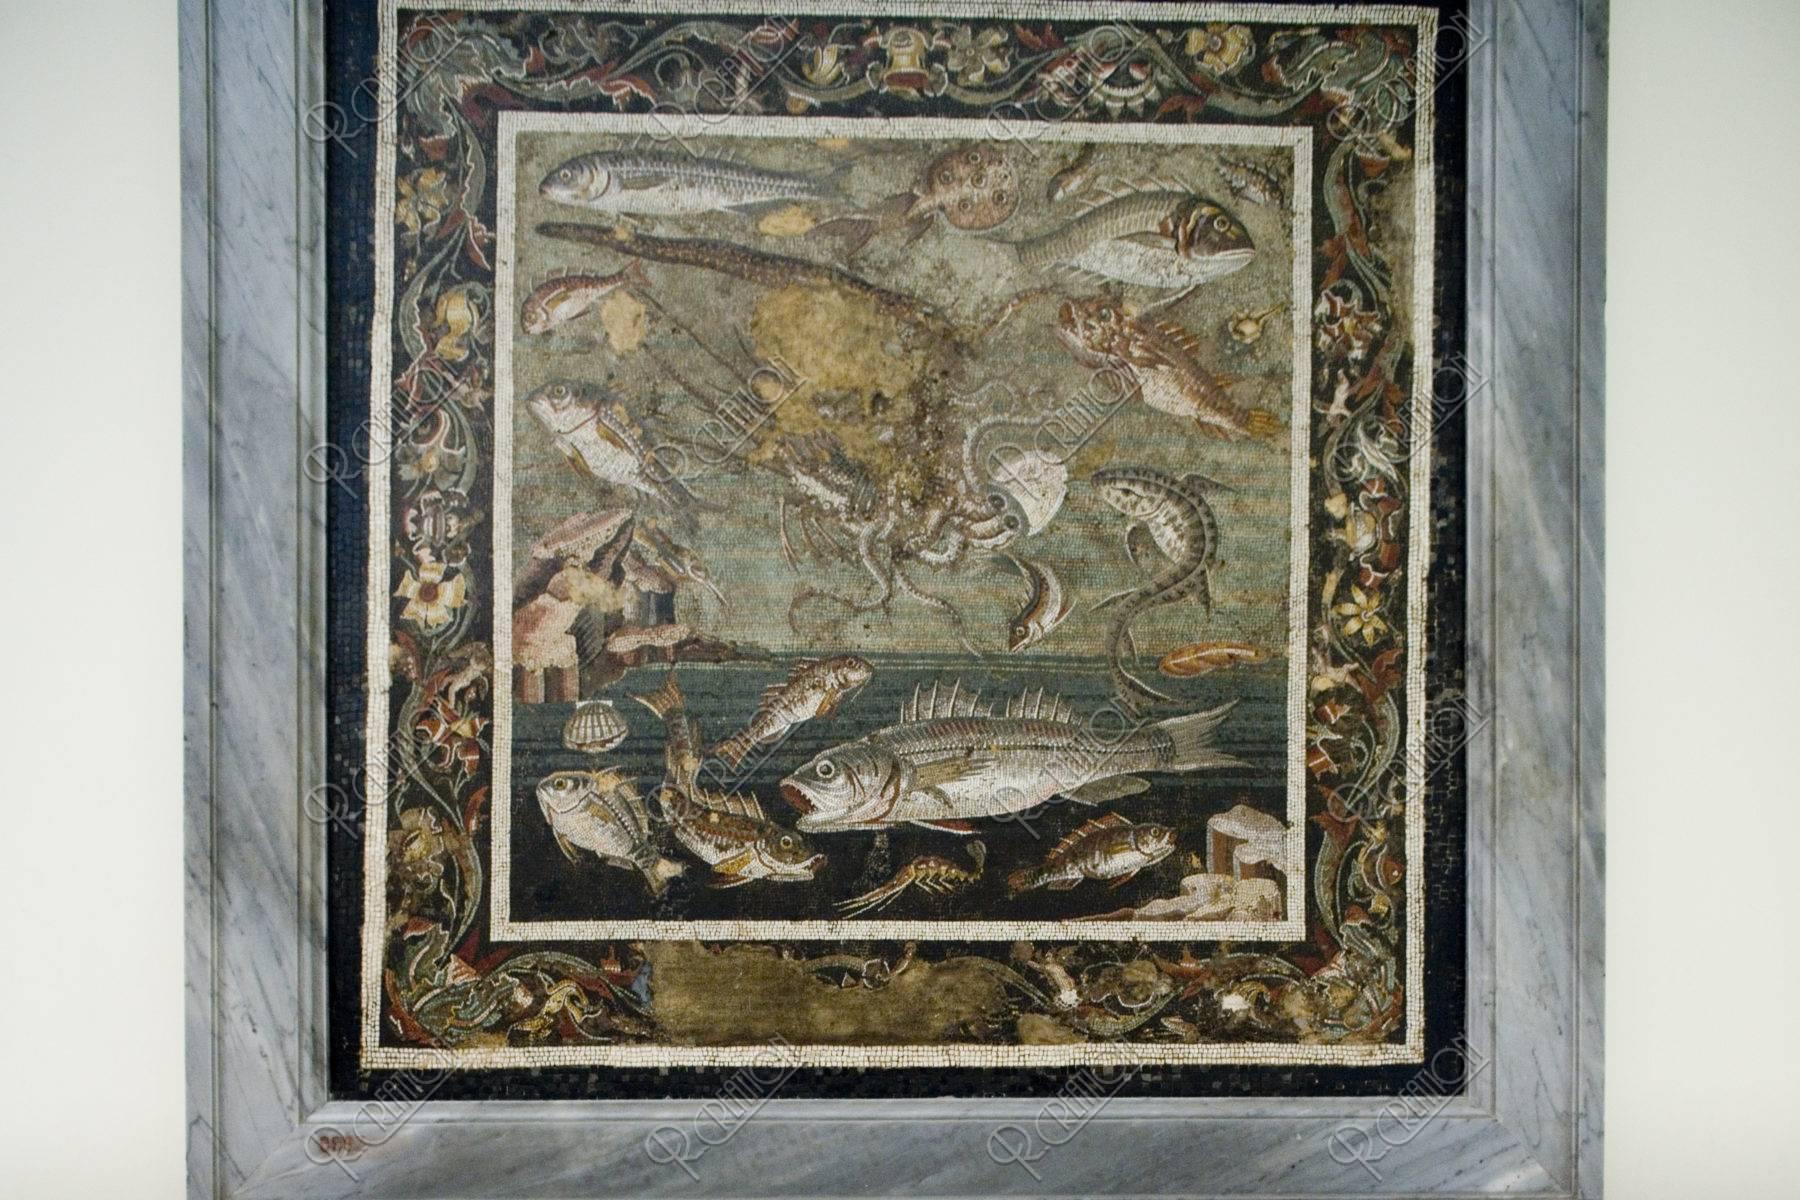 ナポリ考古学博物館内 モザイク